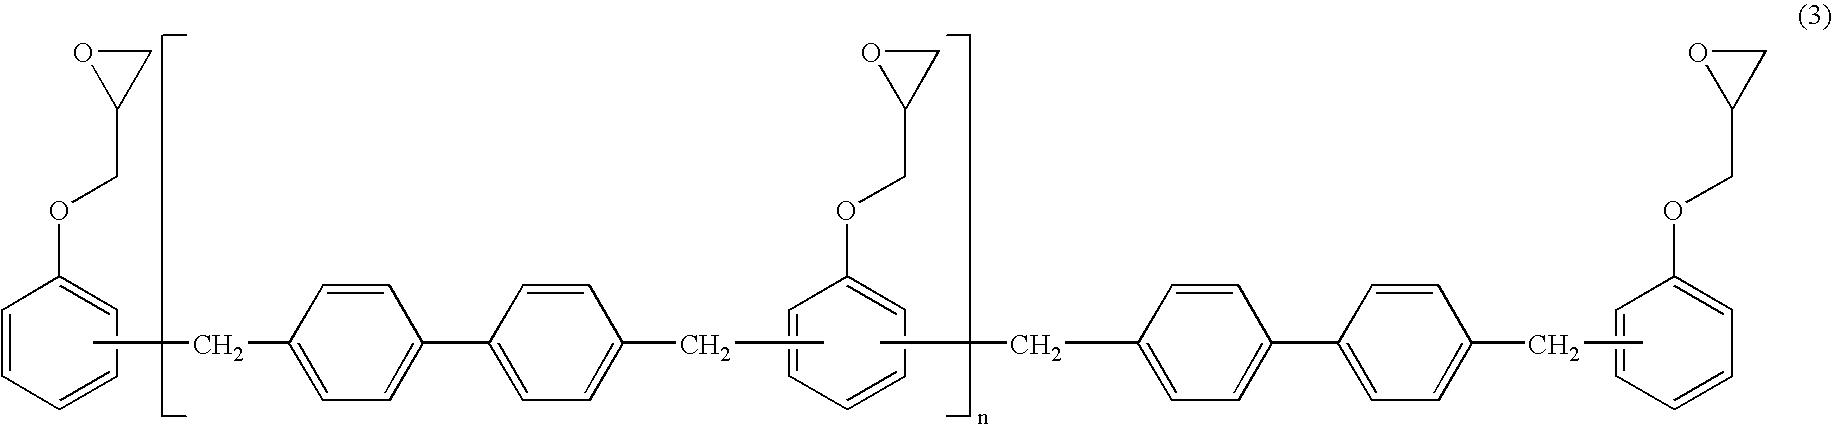 Figure US20090246915A1-20091001-C00004